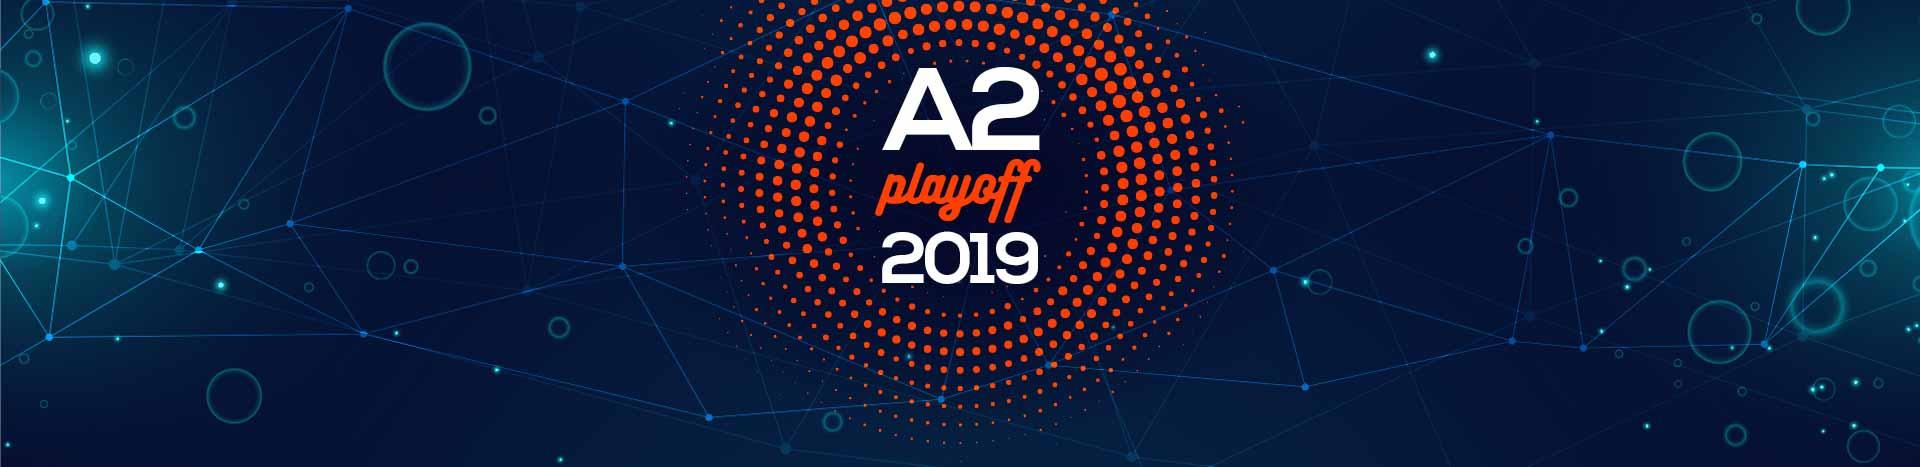 A2 Playoff 2019 – Semifinale Gara4: Treviso batte Treviglio e fa 3-1